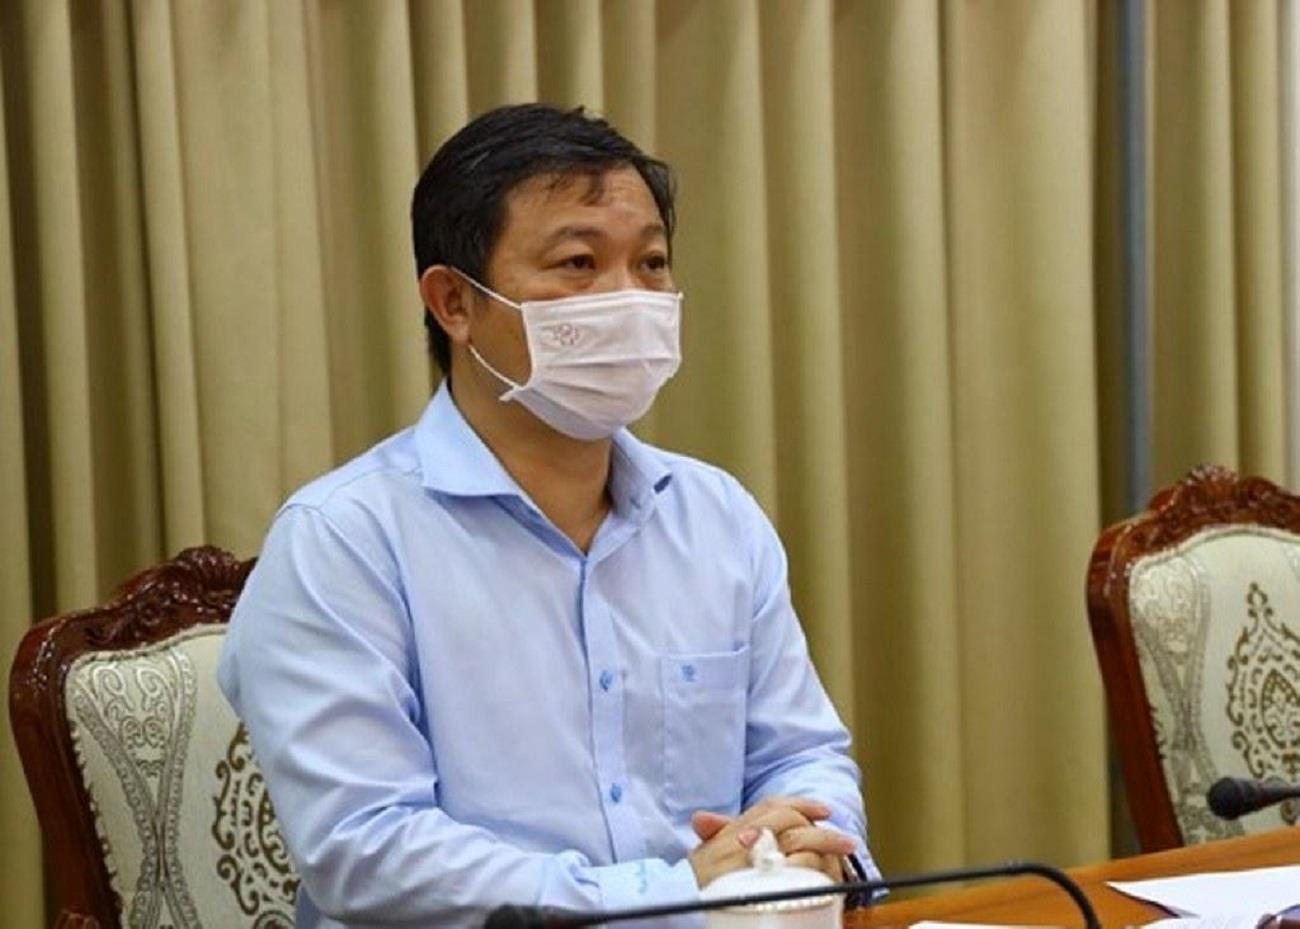 Phó Chủ tịch TP.HCM: Uu tiên vaccine cho các đối tượng có nguy cơ cao - 1